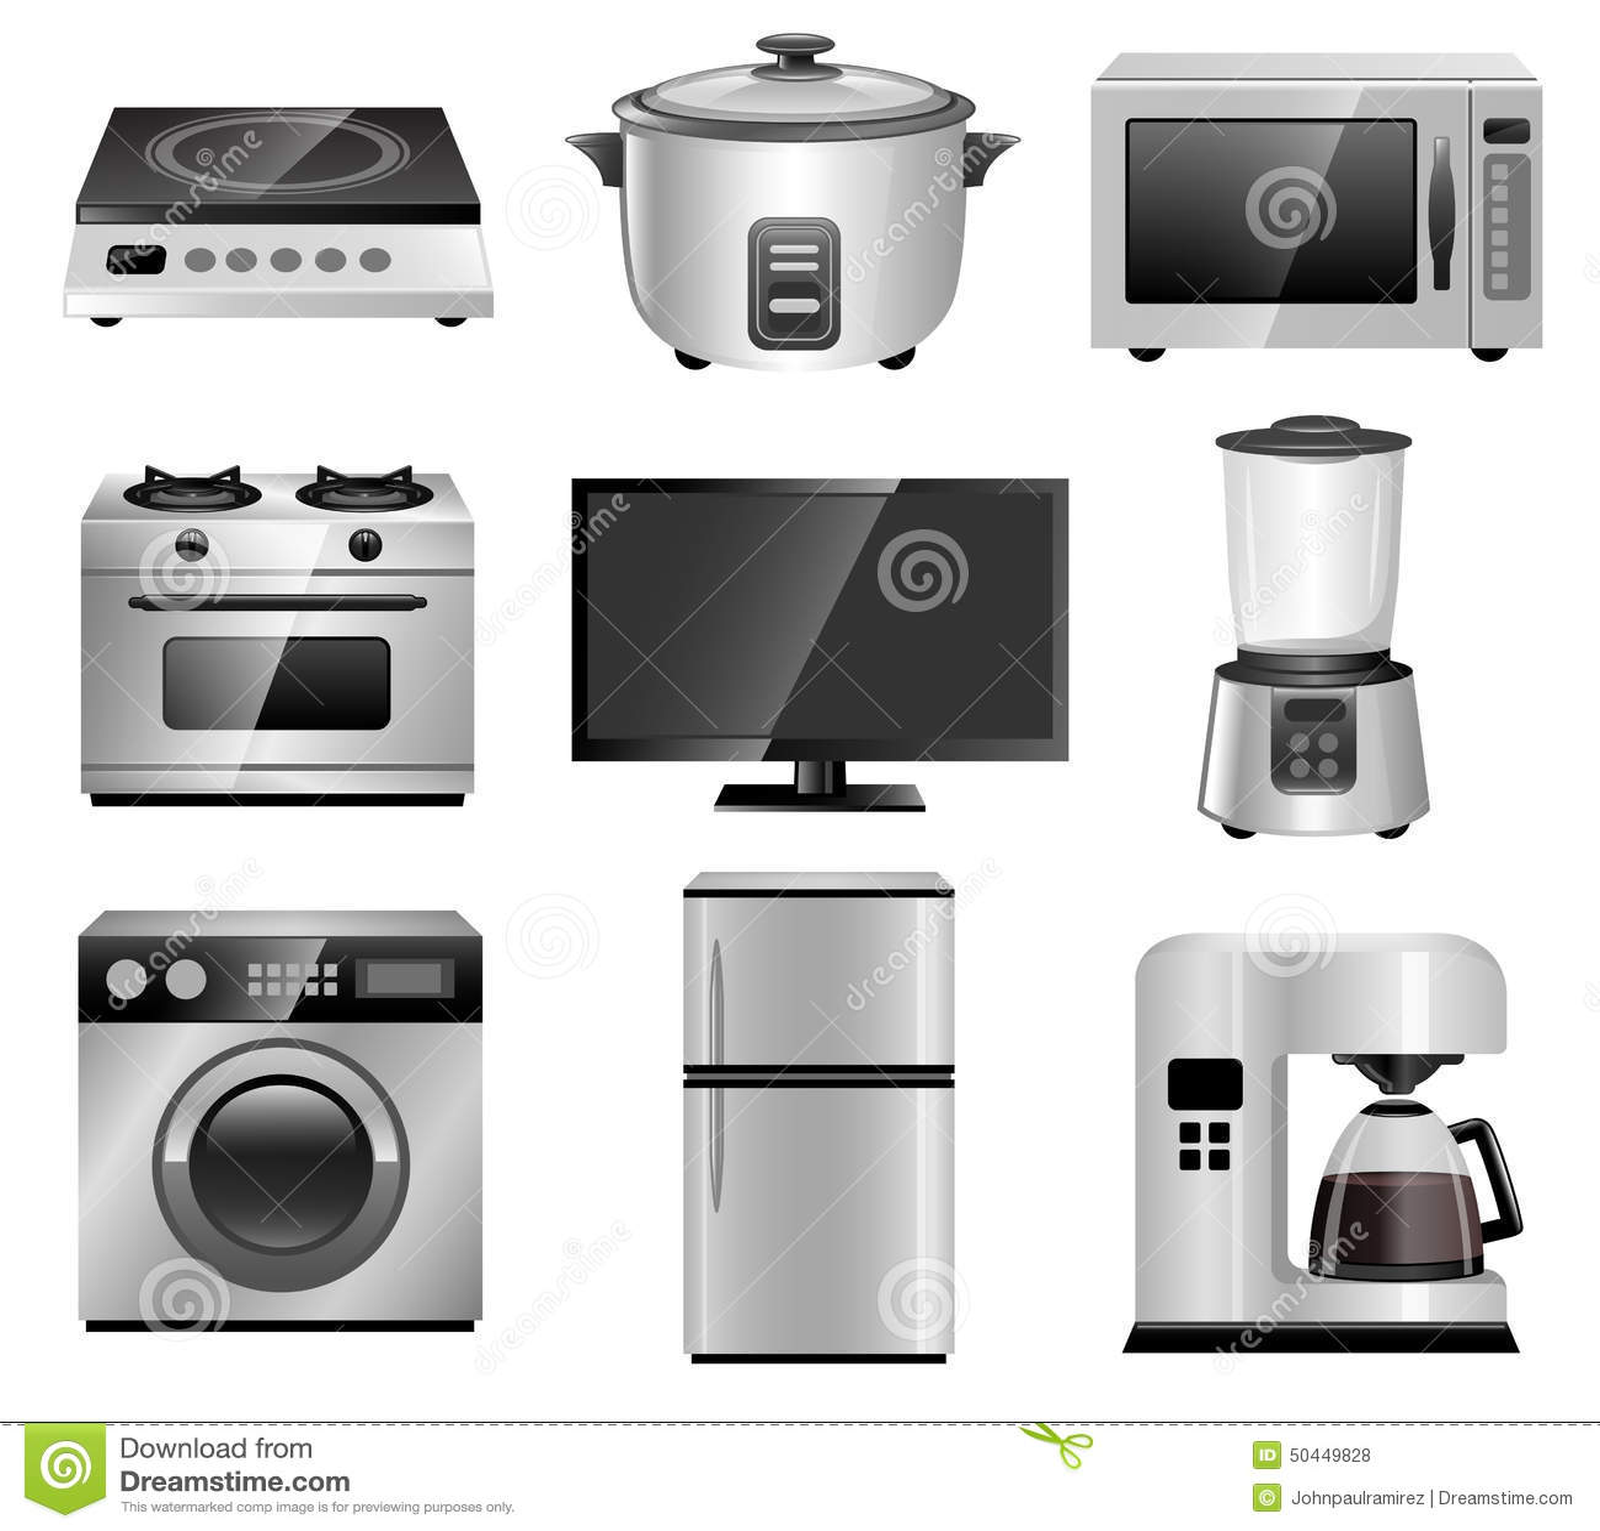 25 utensilios novedosos de cocina que te facilitan la vida